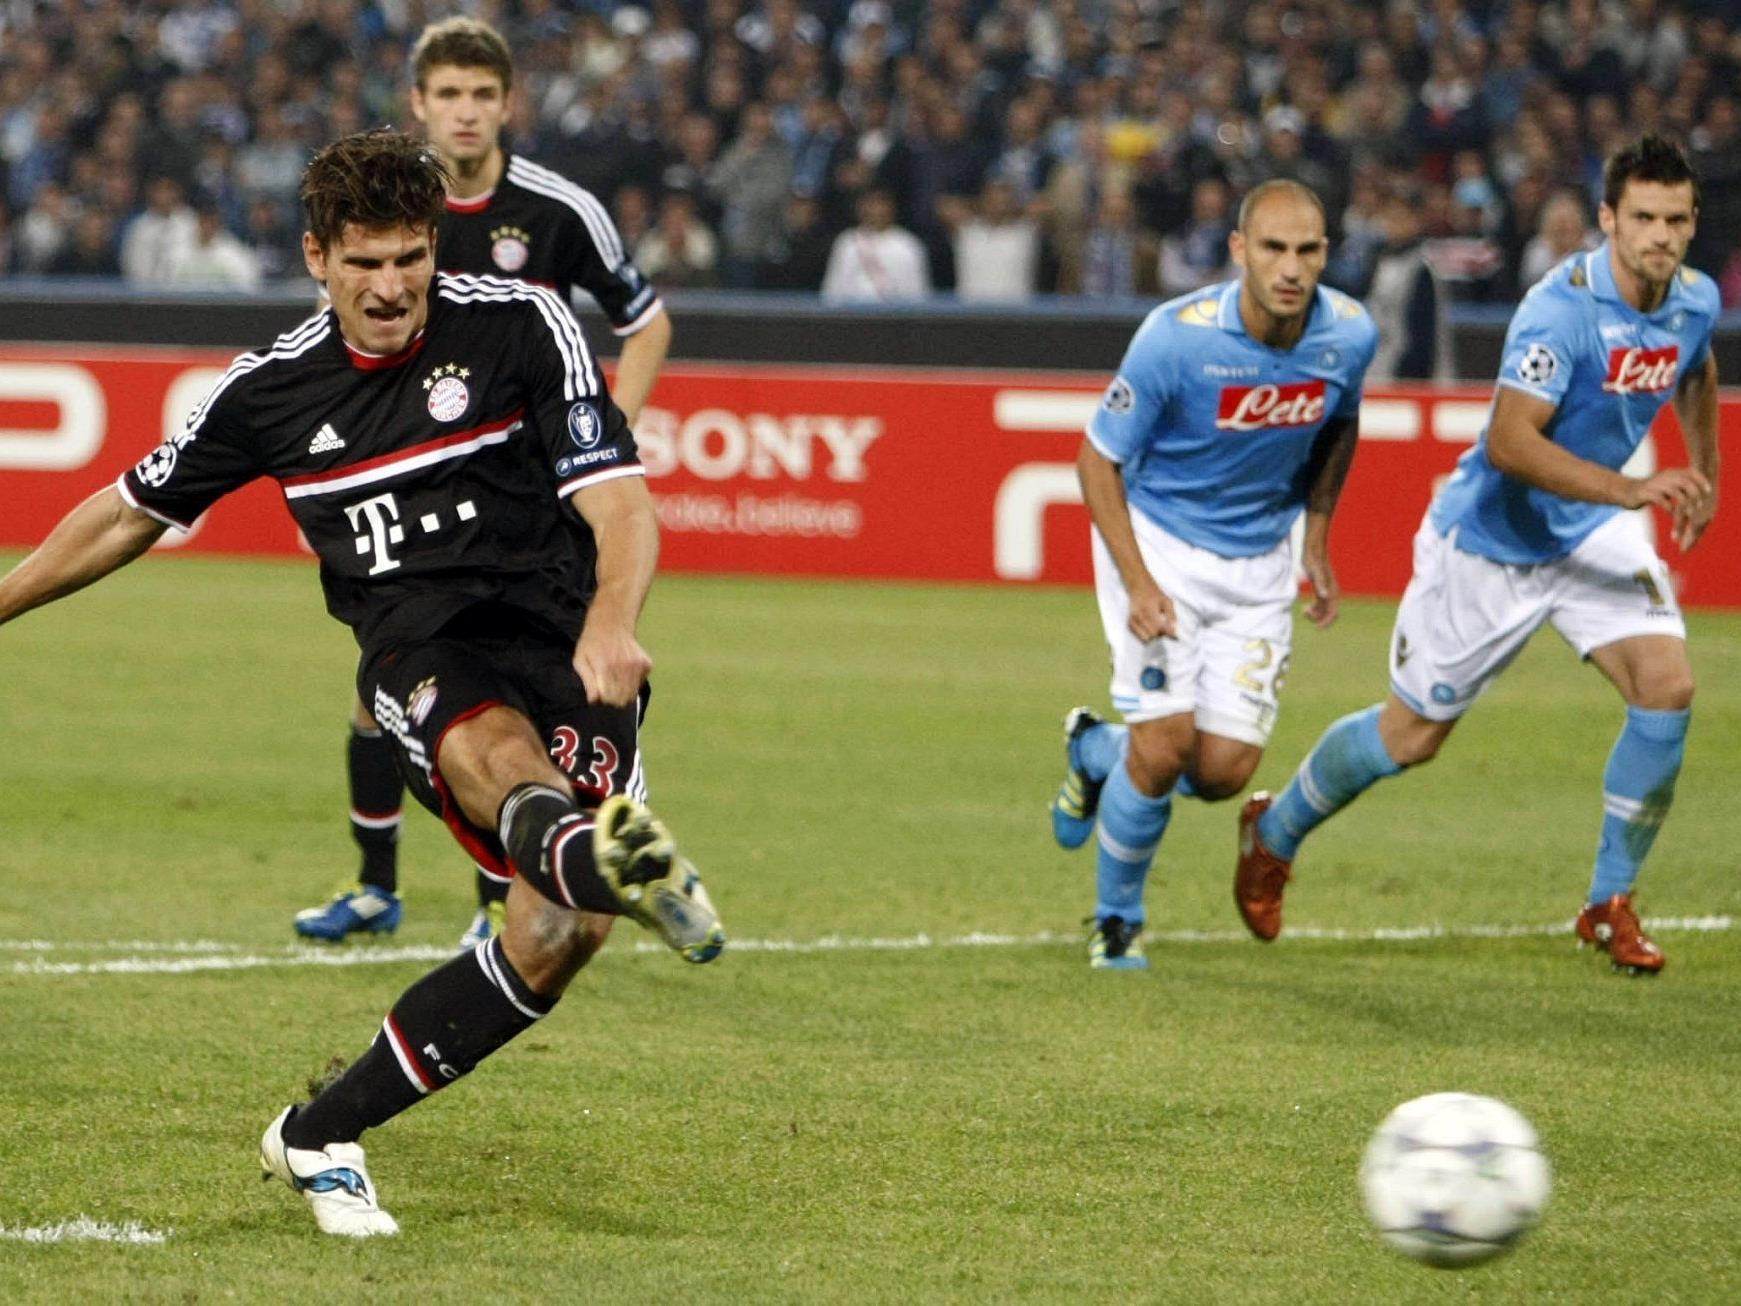 Der FC Bayern München muss sich mit inem 1:1 gegen Neapel zufreiden geben.